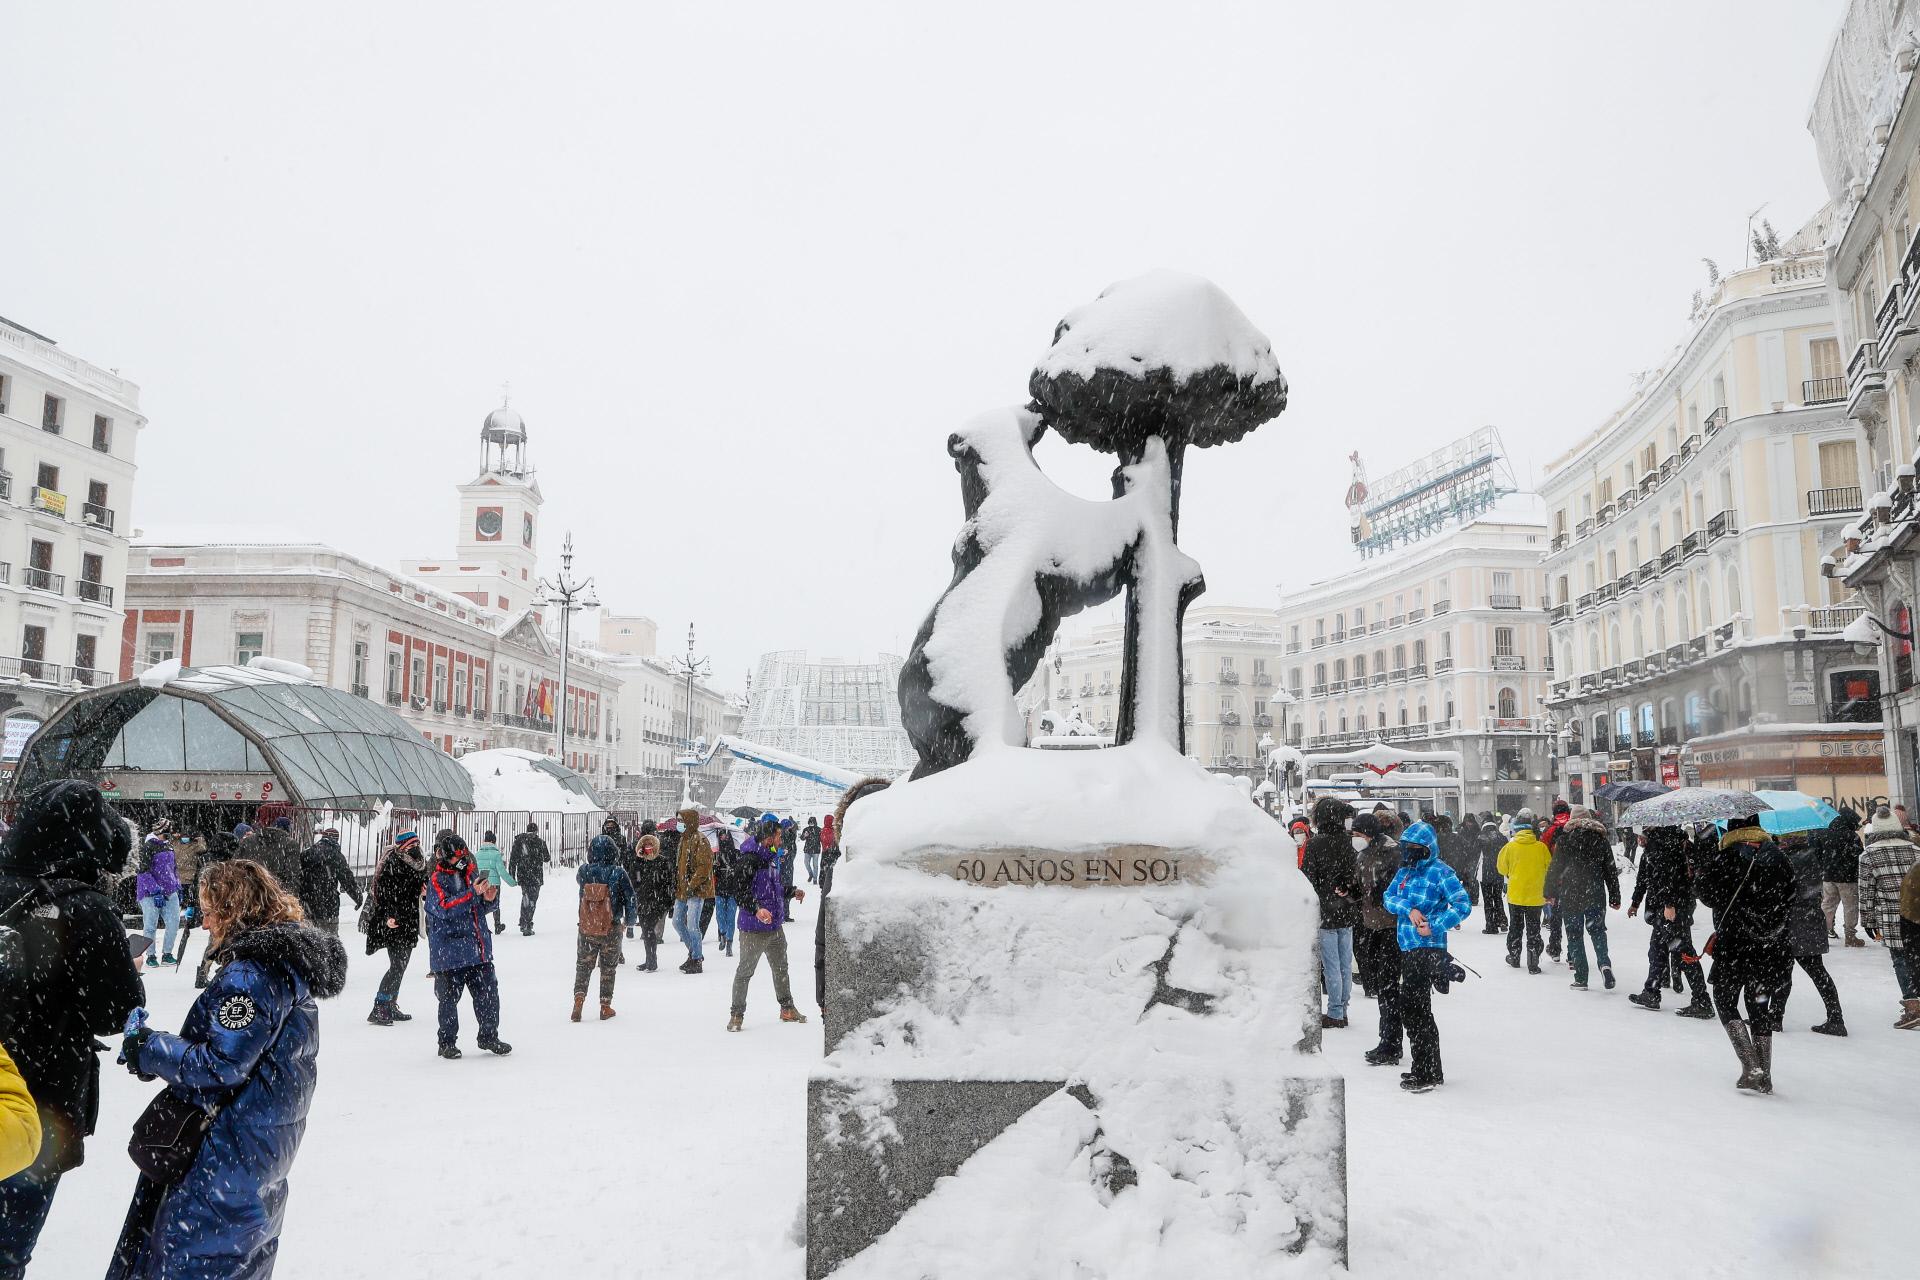 El Oso y el Madroño de Sol cubiertos de nieve